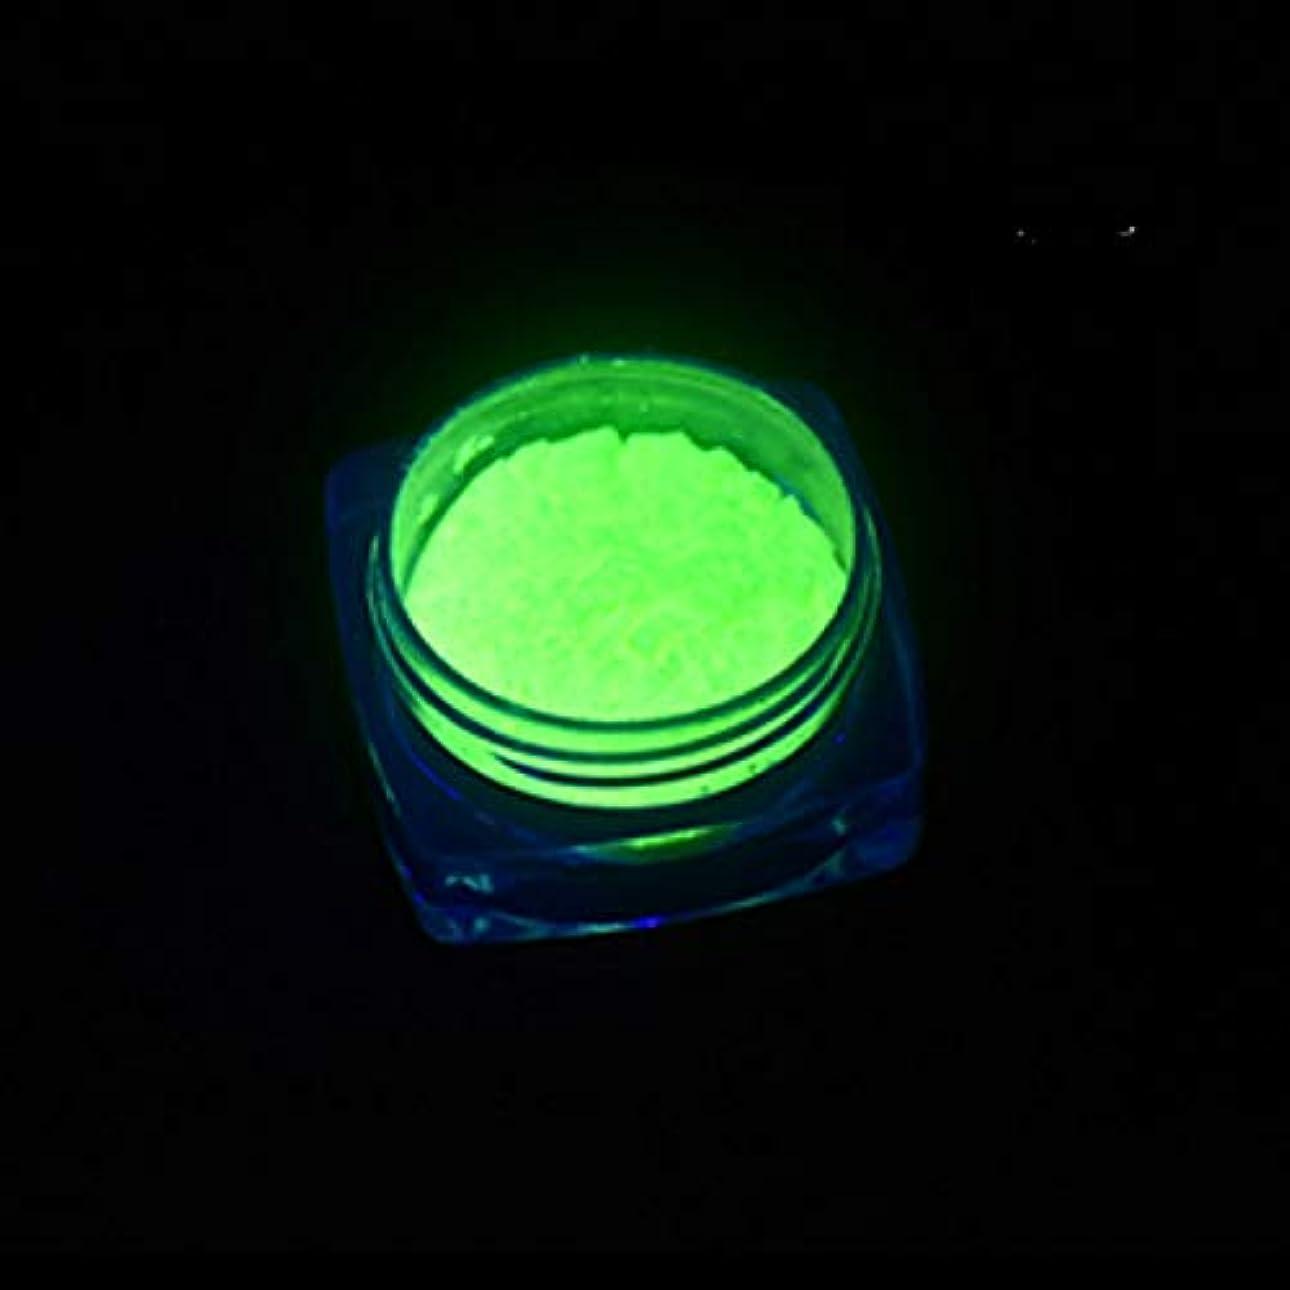 干渉お香腐食するビューティー&パーソナルケア 3 PCSネオン蛍光体粉末ネイルグリッターパウダー ステッカー&デカール (色 : YGF09 Light Green)